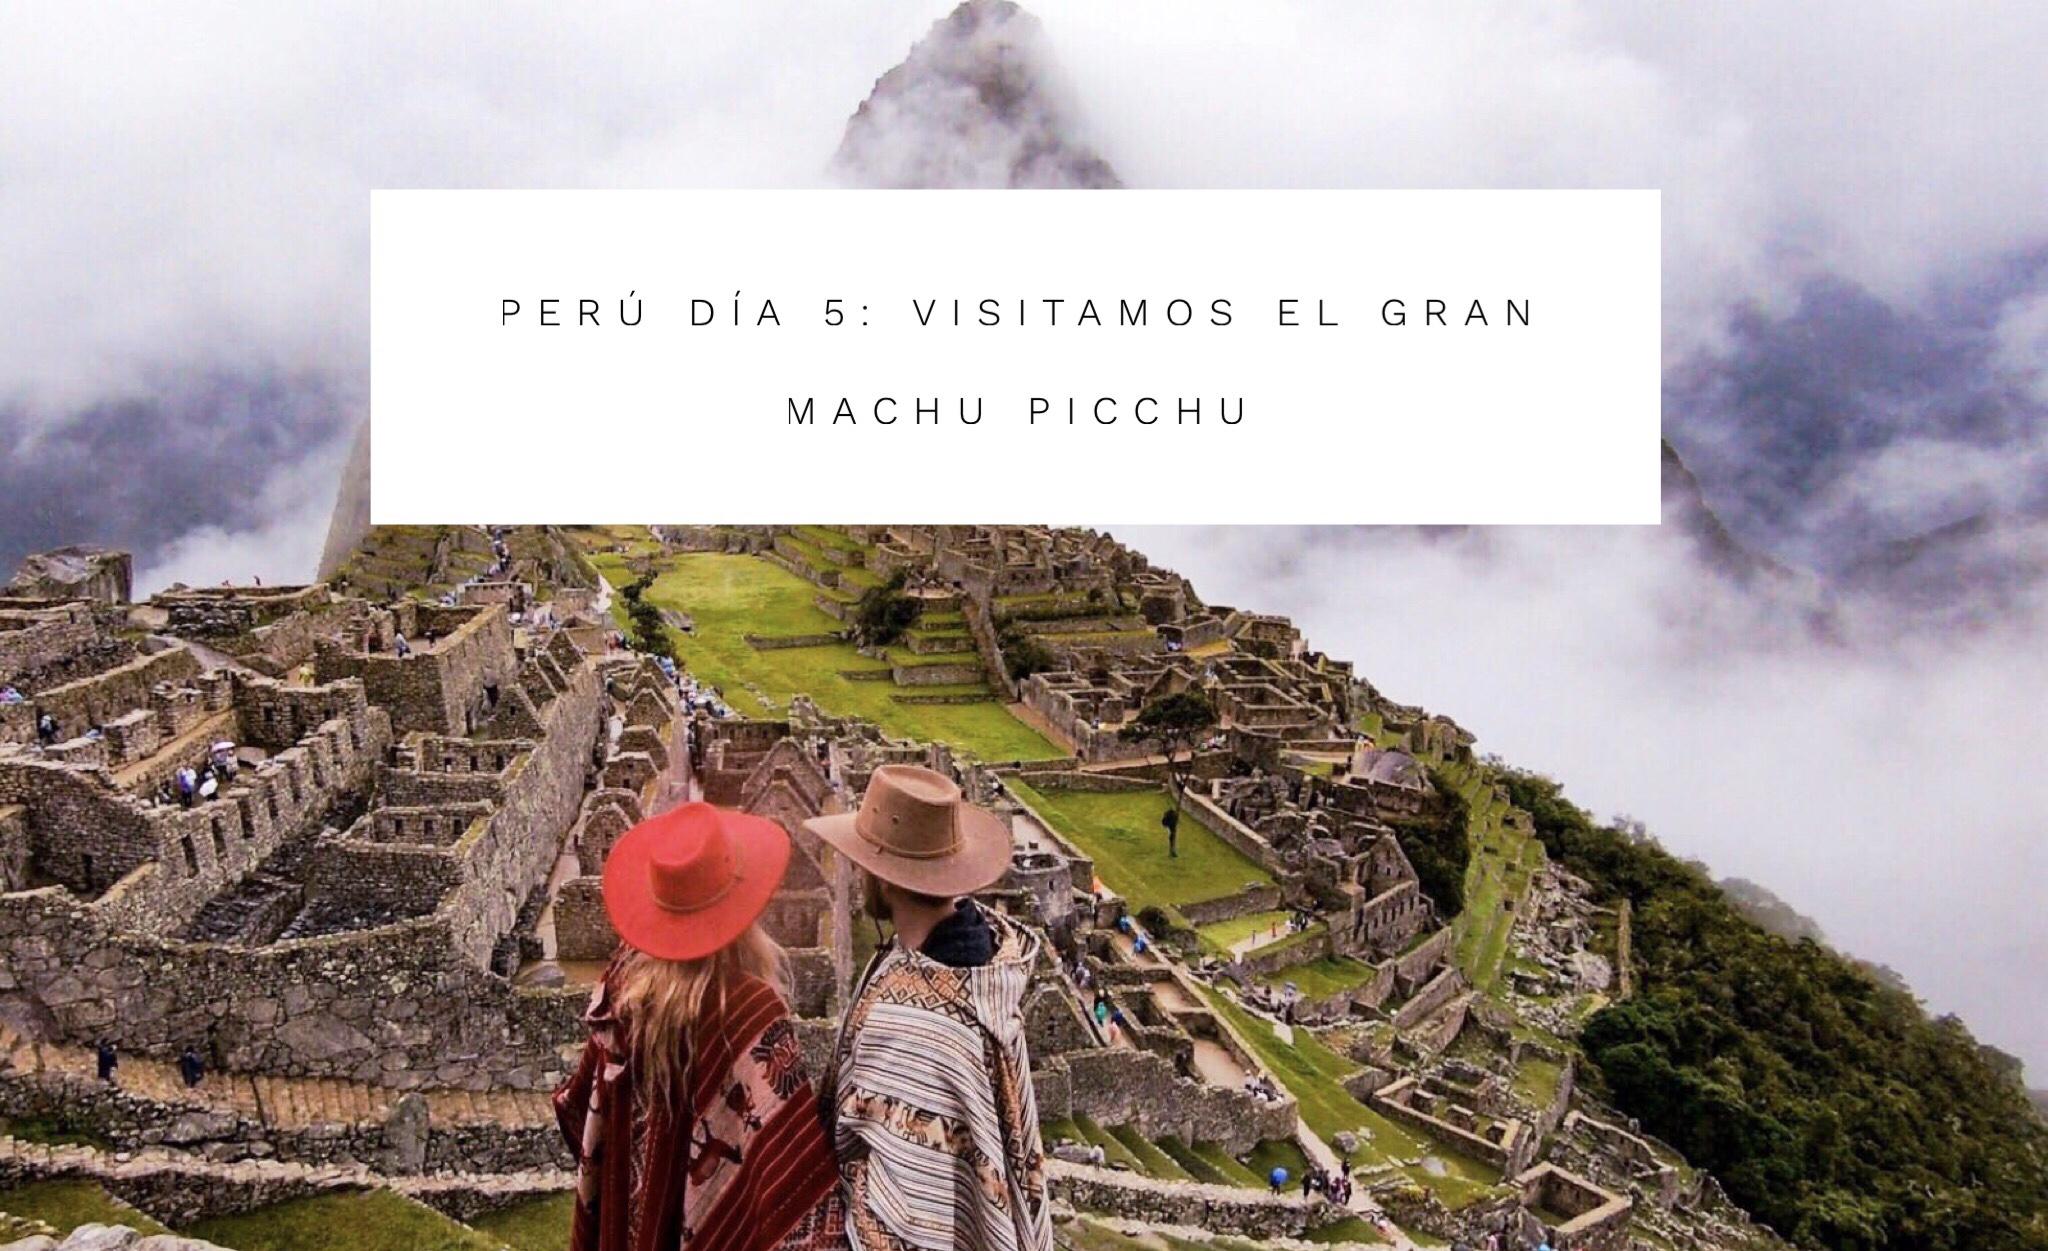 Perú día 5: visitamos el gran Machu Picchu.